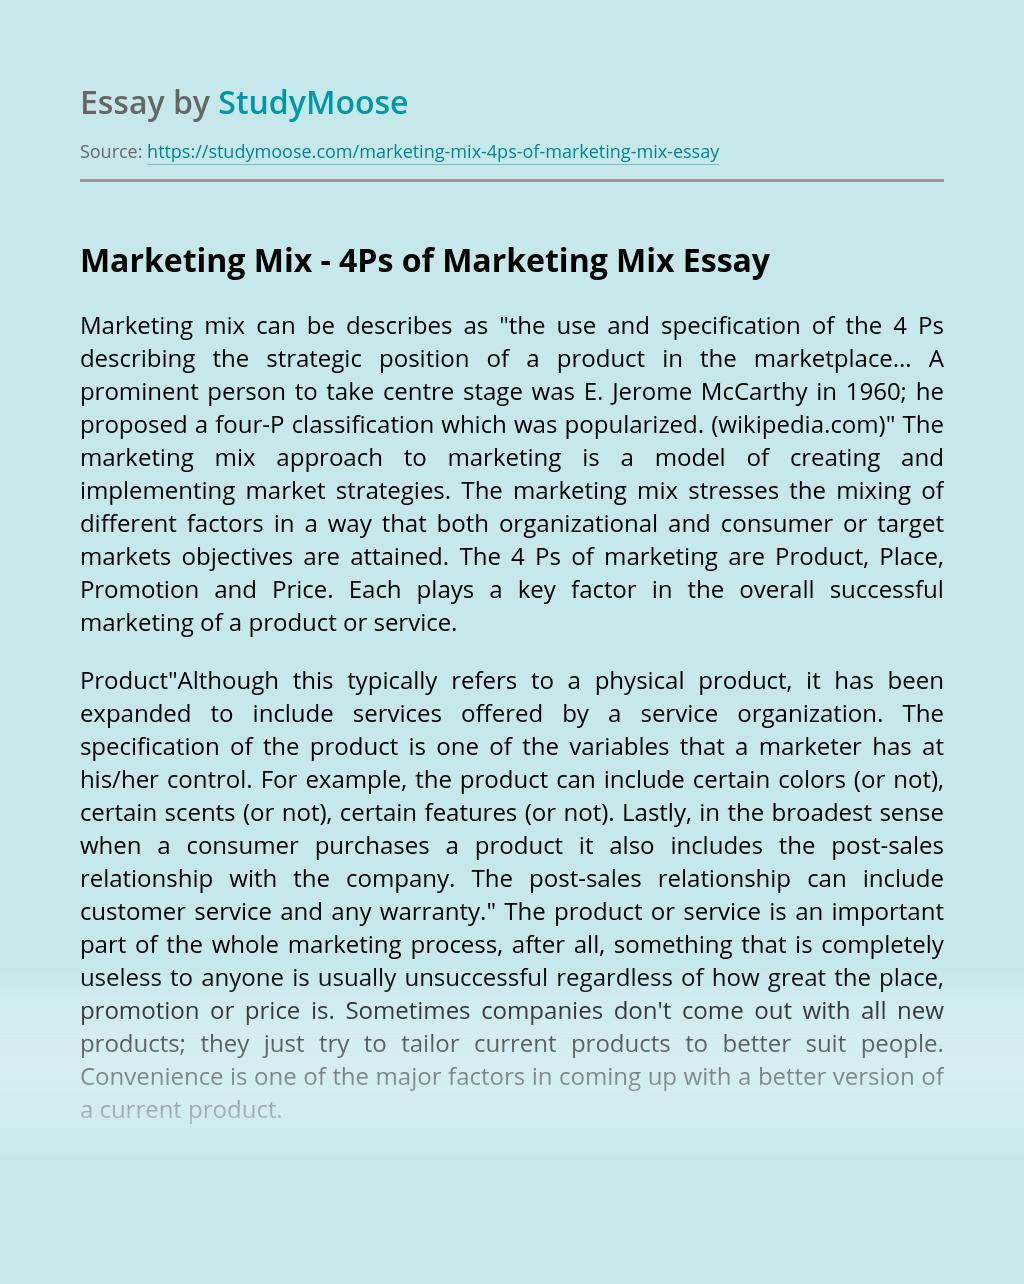 Marketing Mix - 4Ps of Marketing Mix